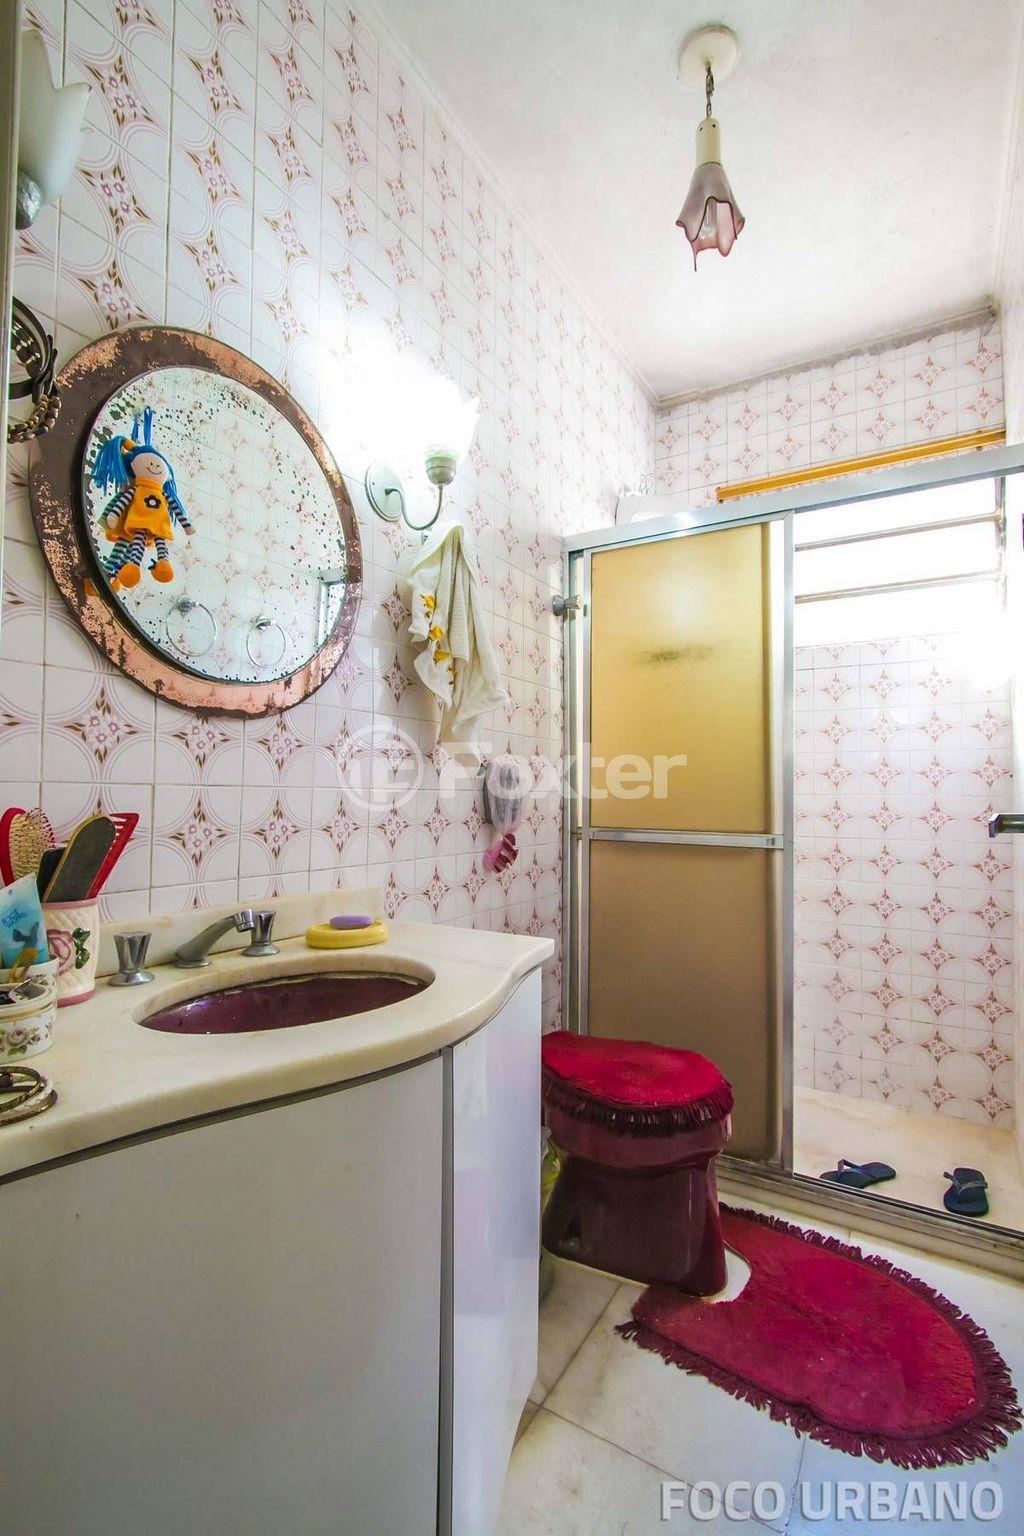 Foxter Imobiliária - Casa 4 Dorm, Jardim Botânico - Foto 21